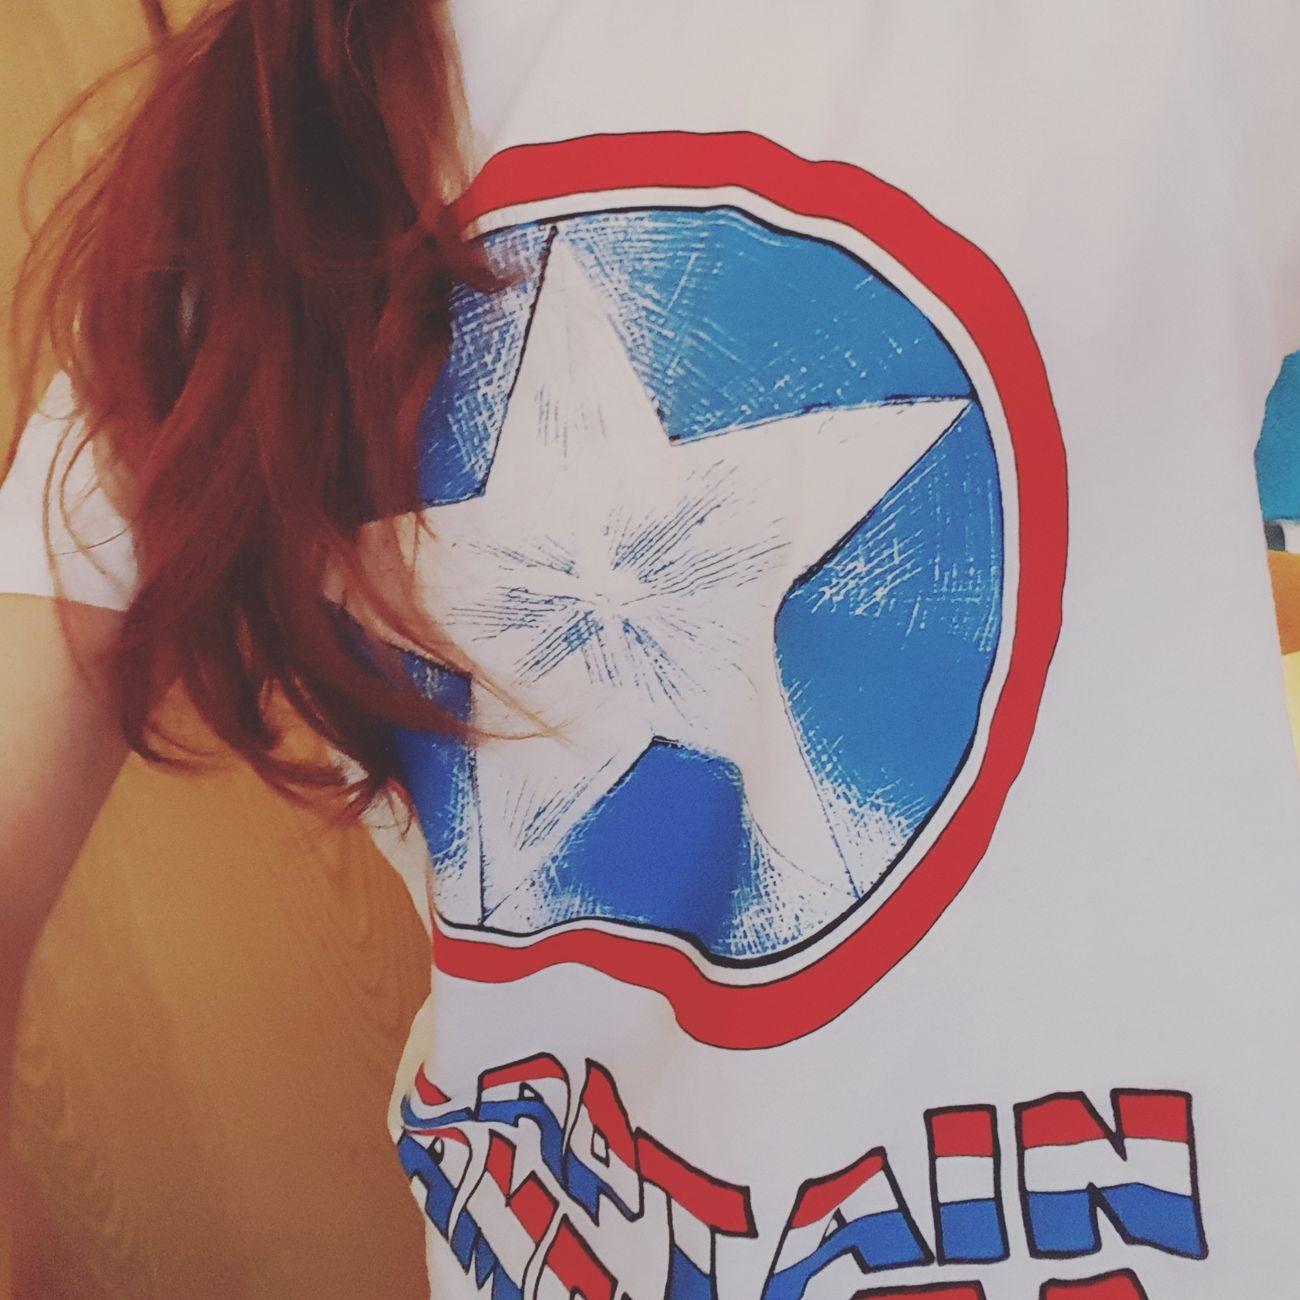 Capitanamerica Capitan America!!!! Capitanamericacivilwar Chrisevans Lovecap TeamCap